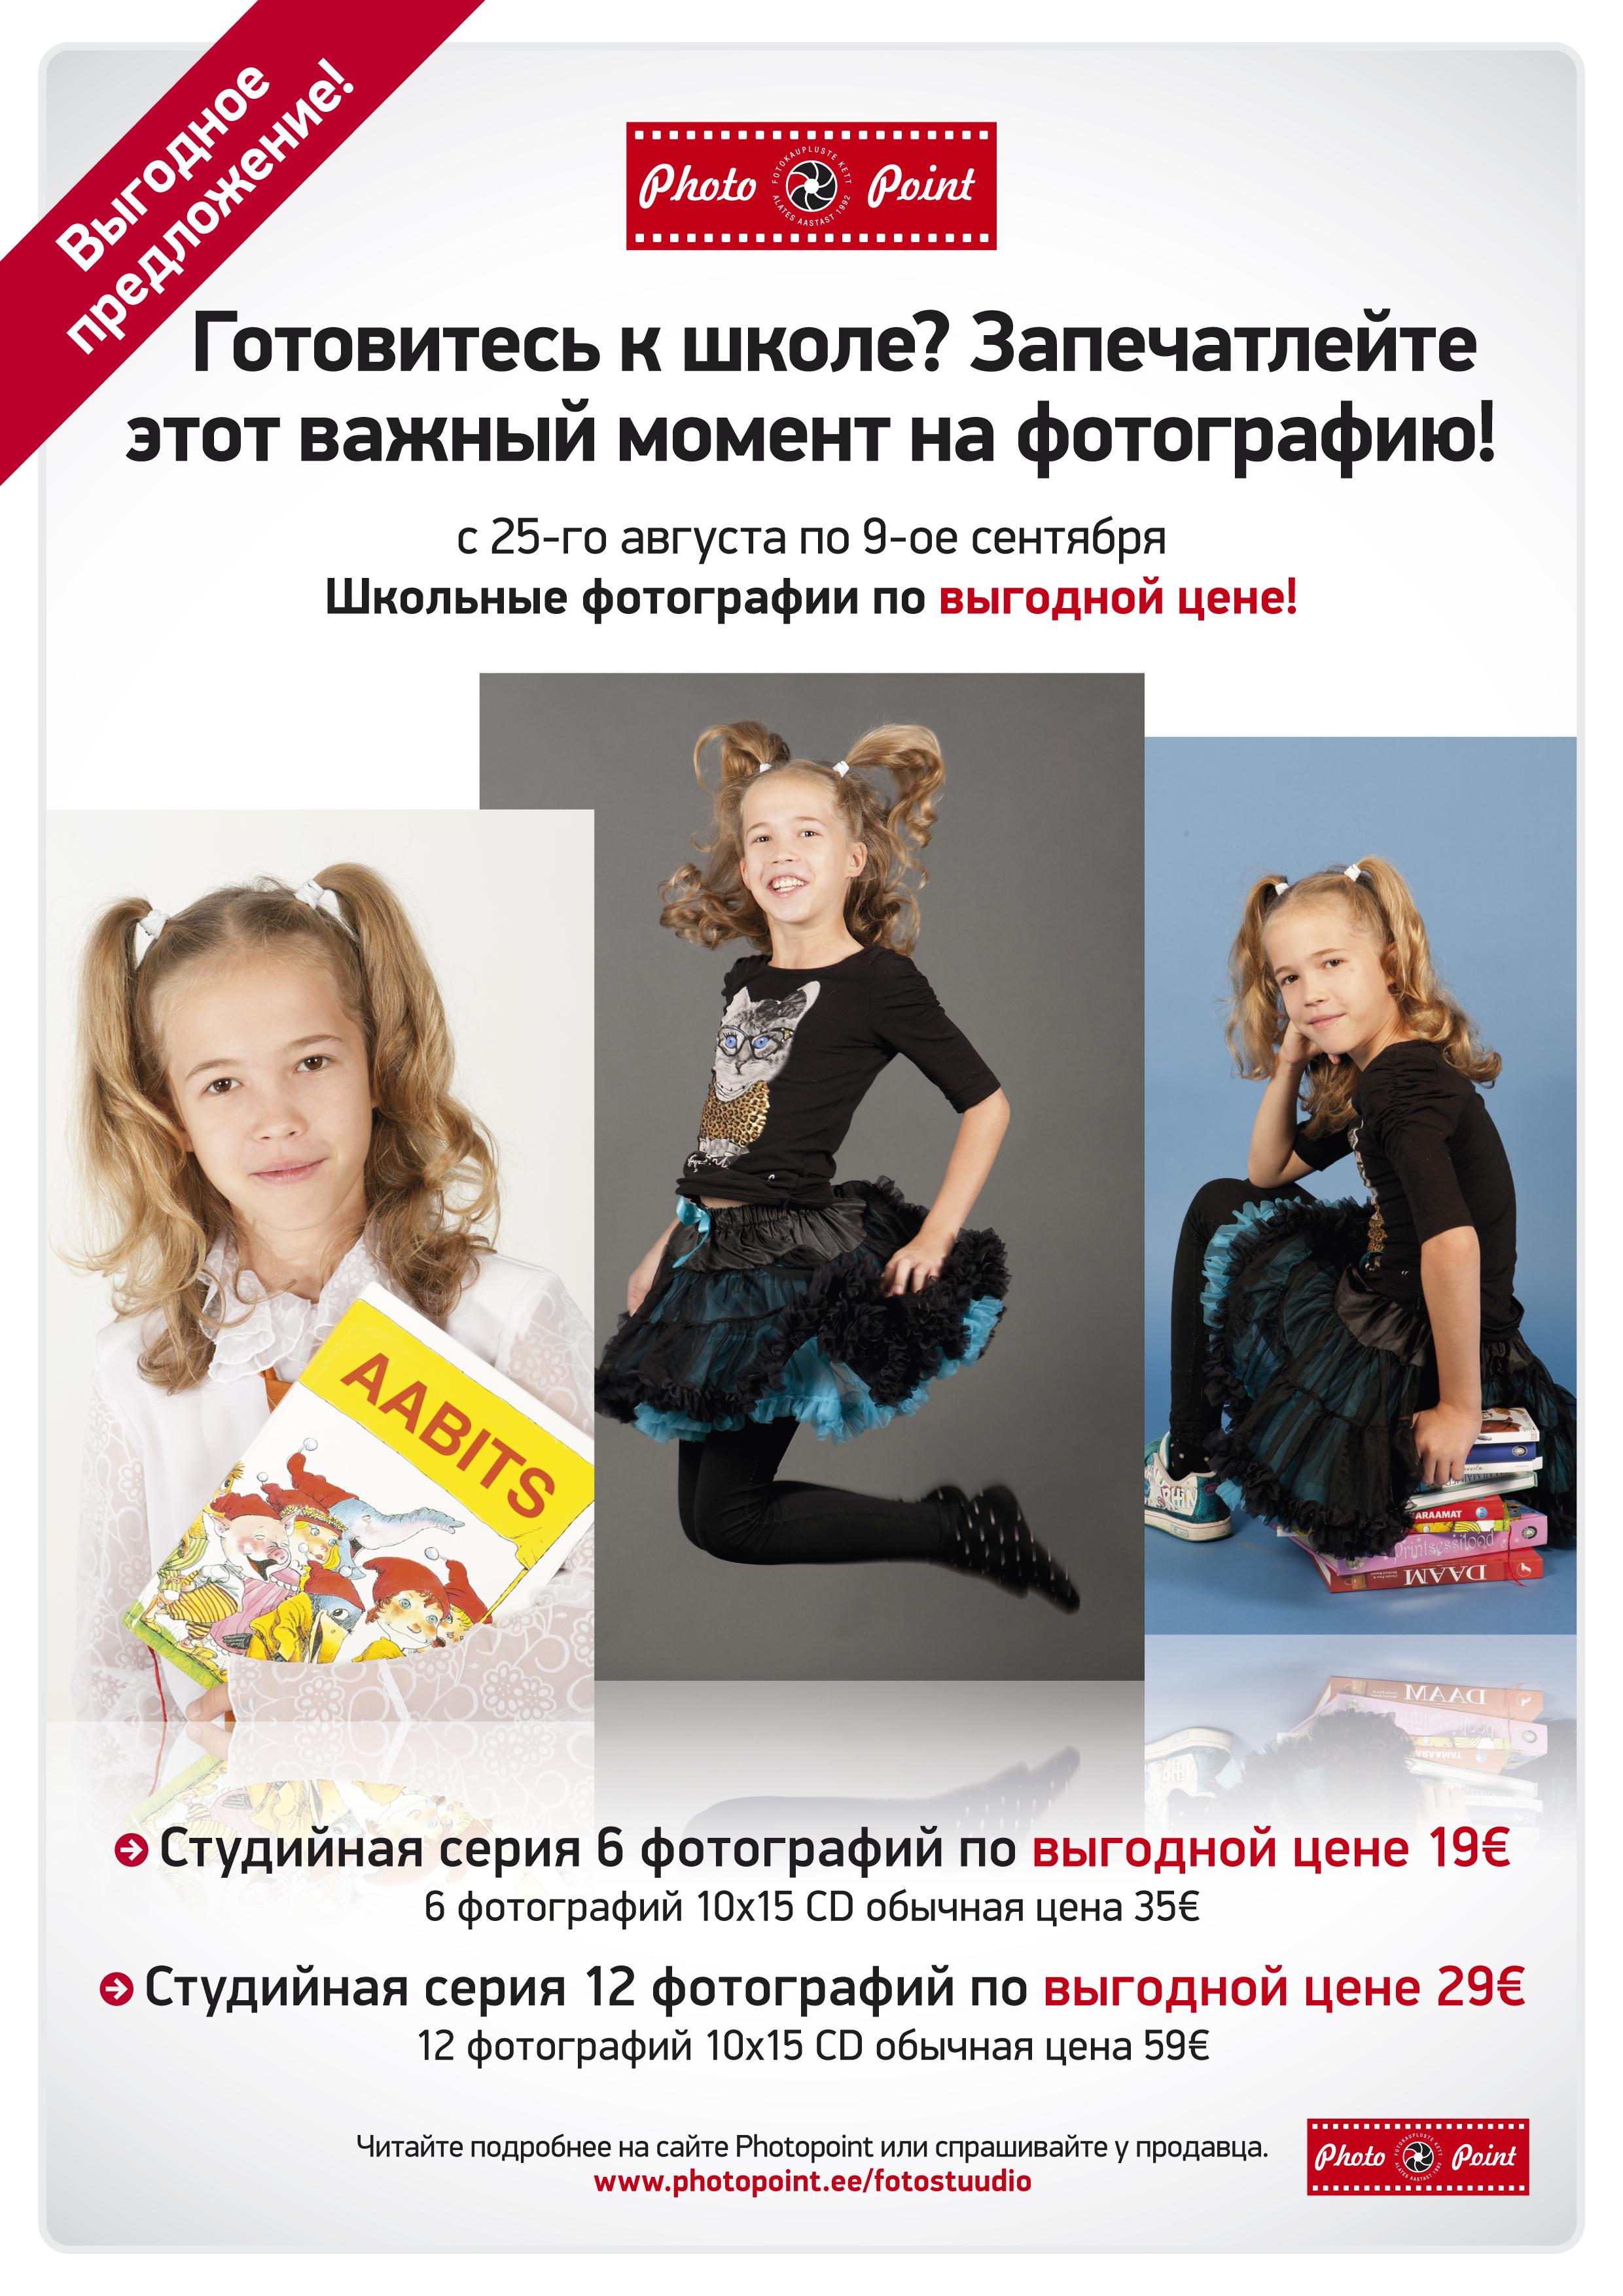 Школьные фотографии в фотостудии Photopoint по выгодной цене